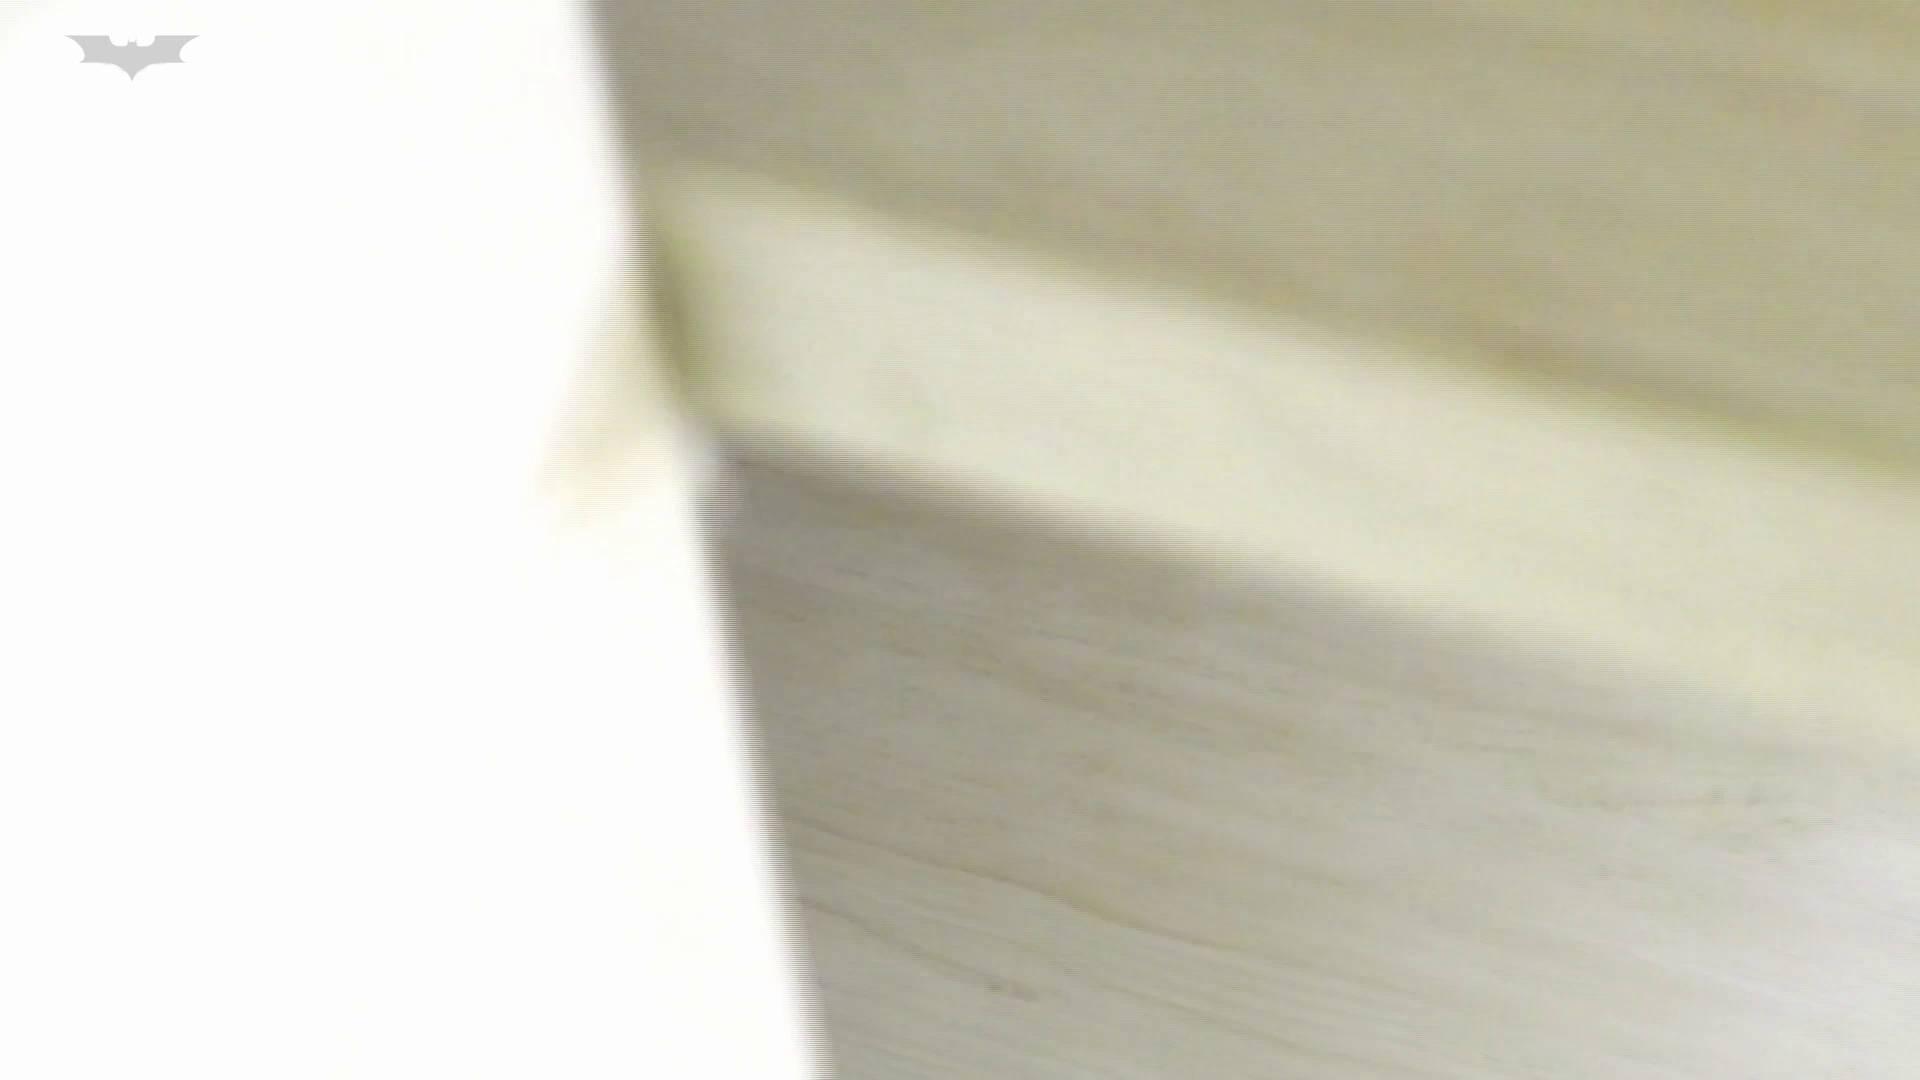 和式洋式七変化 Vol.31 洋式だけど丸見えですっ!! 丸見えマンコ | 高画質  96画像 24